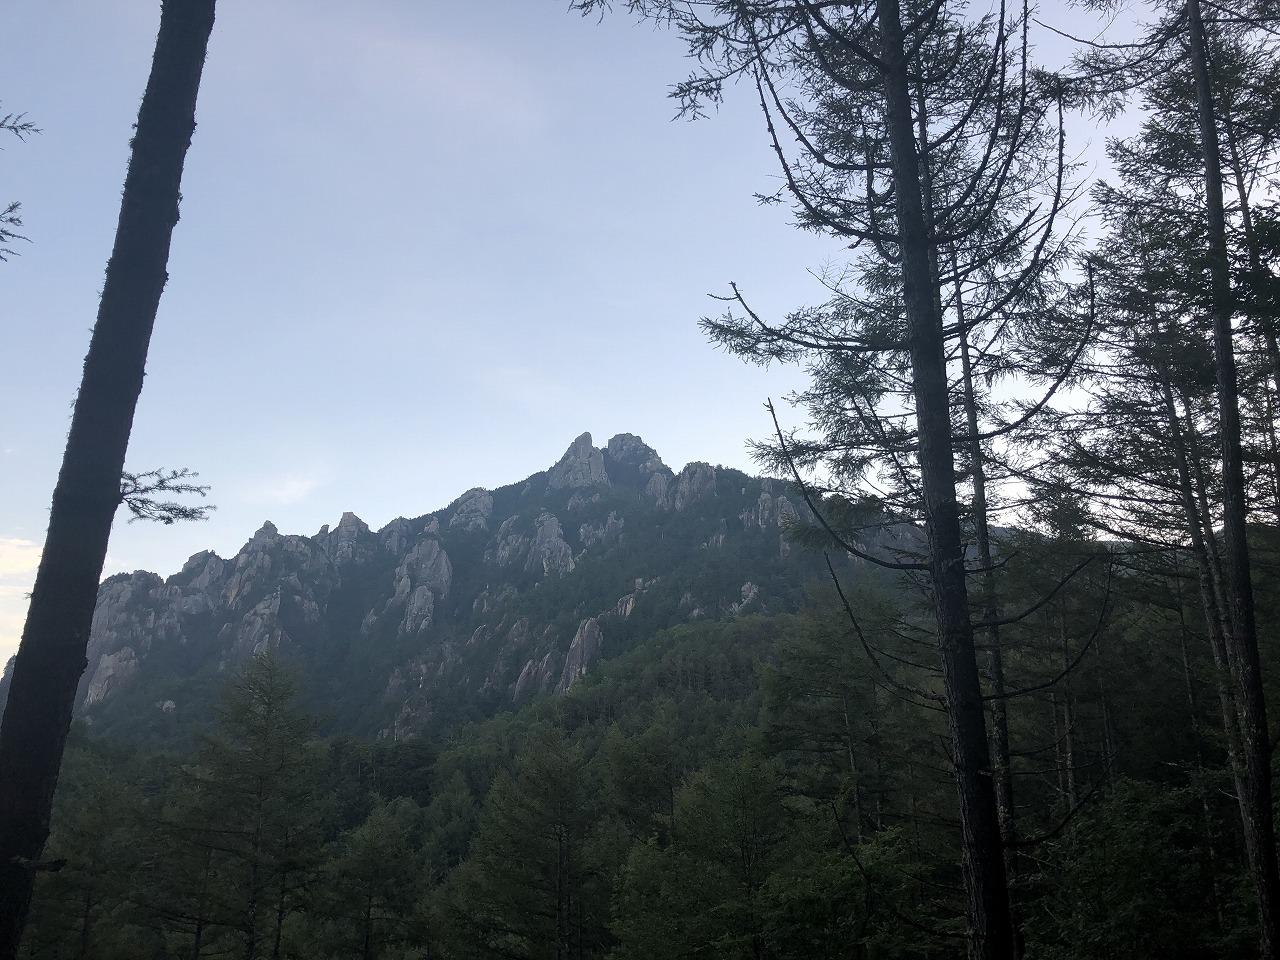 遠方に見えるのは瑞牆山